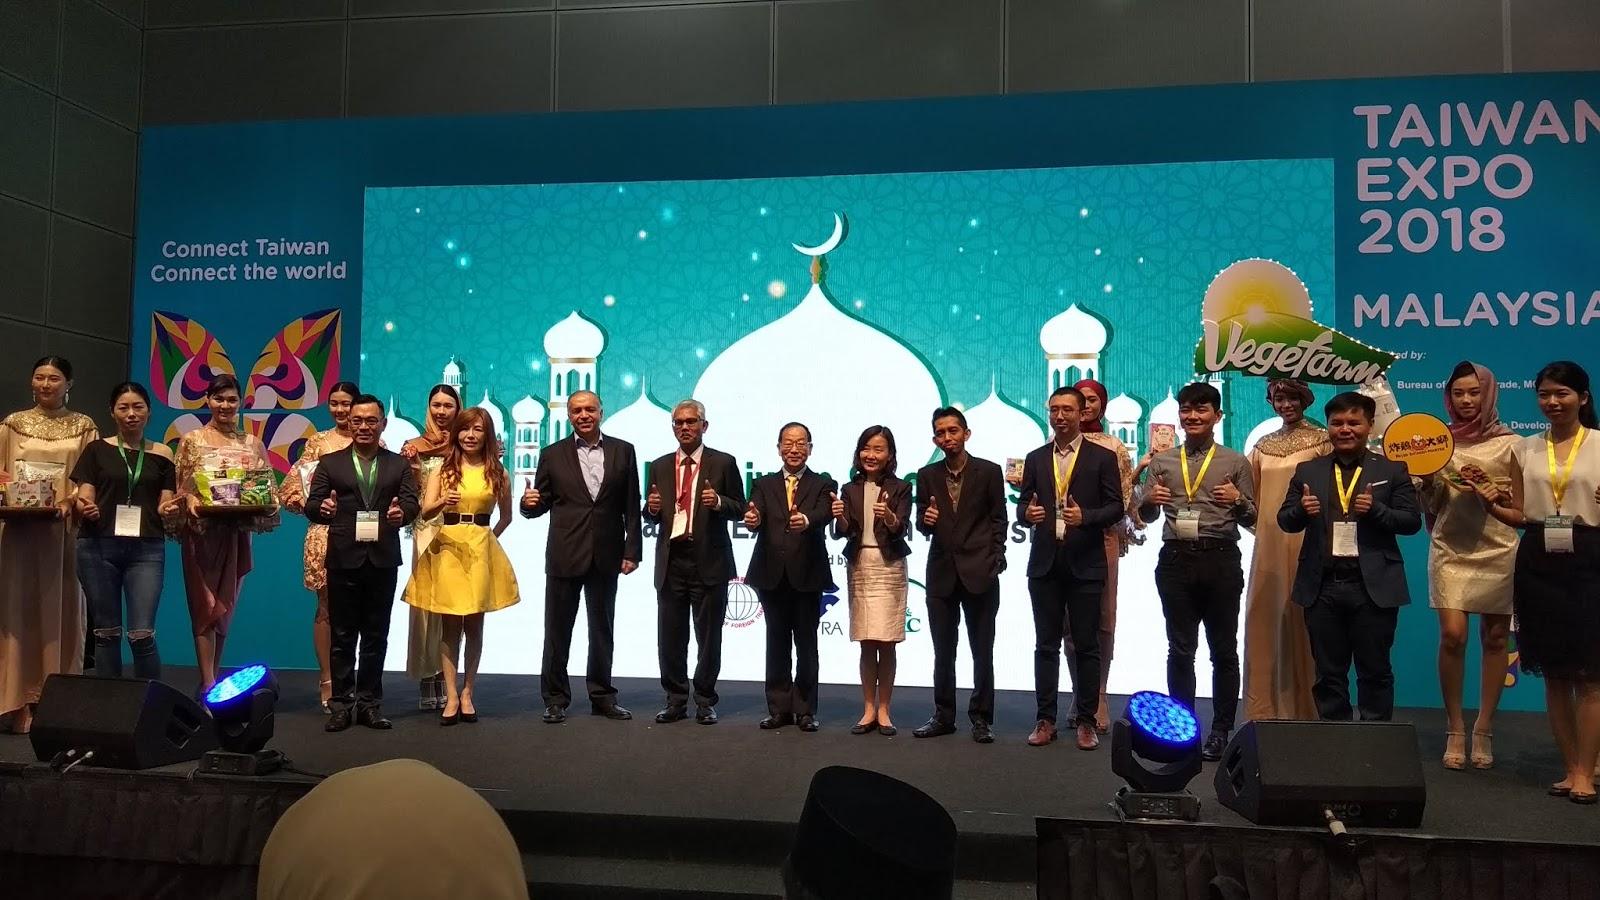 Taiwan Expo 2018 - Produk Halal Taiwan Kini Di Malaysia